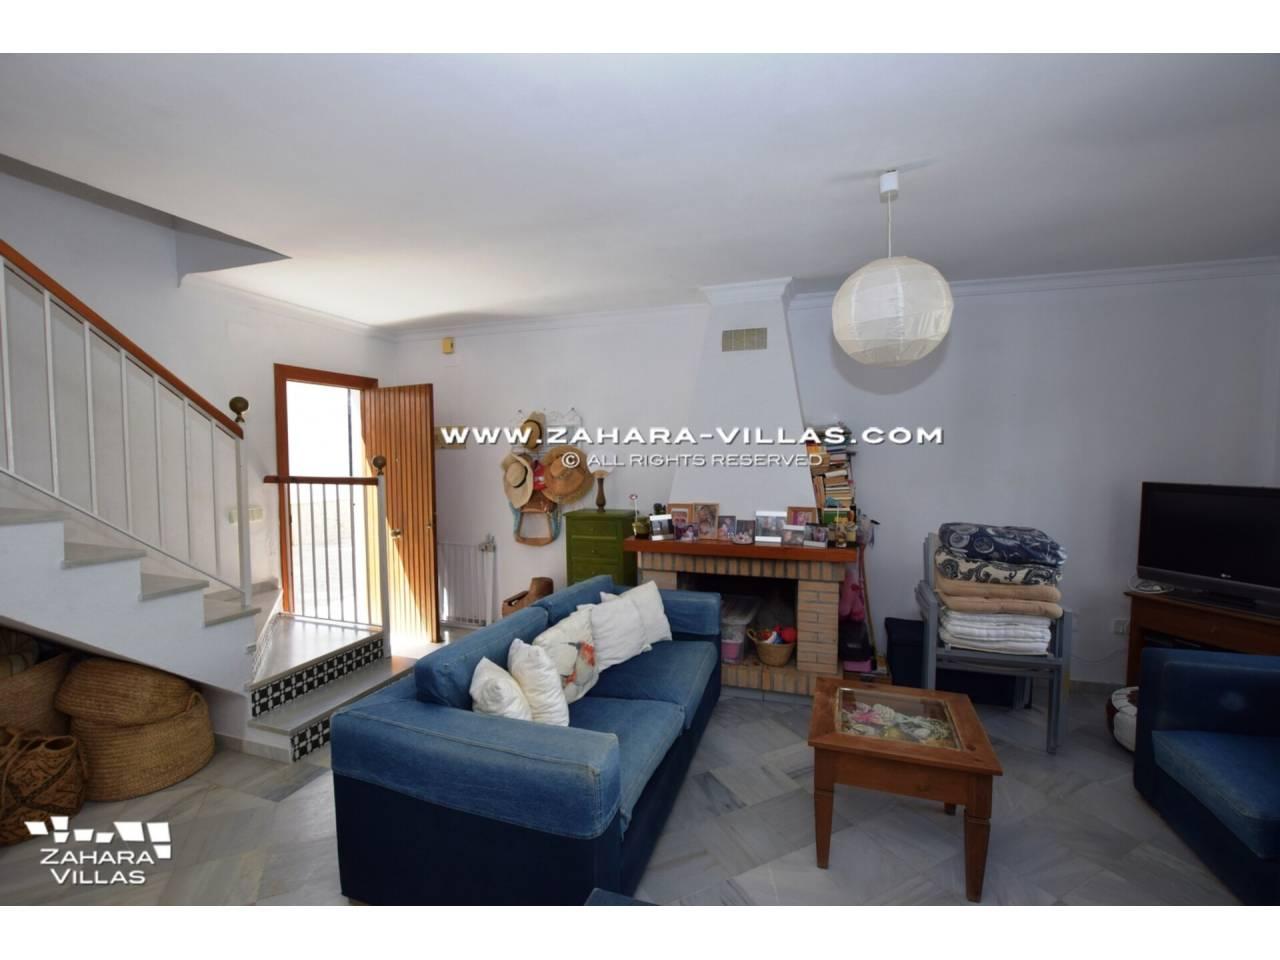 Imagen 13 de Casa en venta en segunda línea de playa, con vistas al mar en Zahara de los Atunes